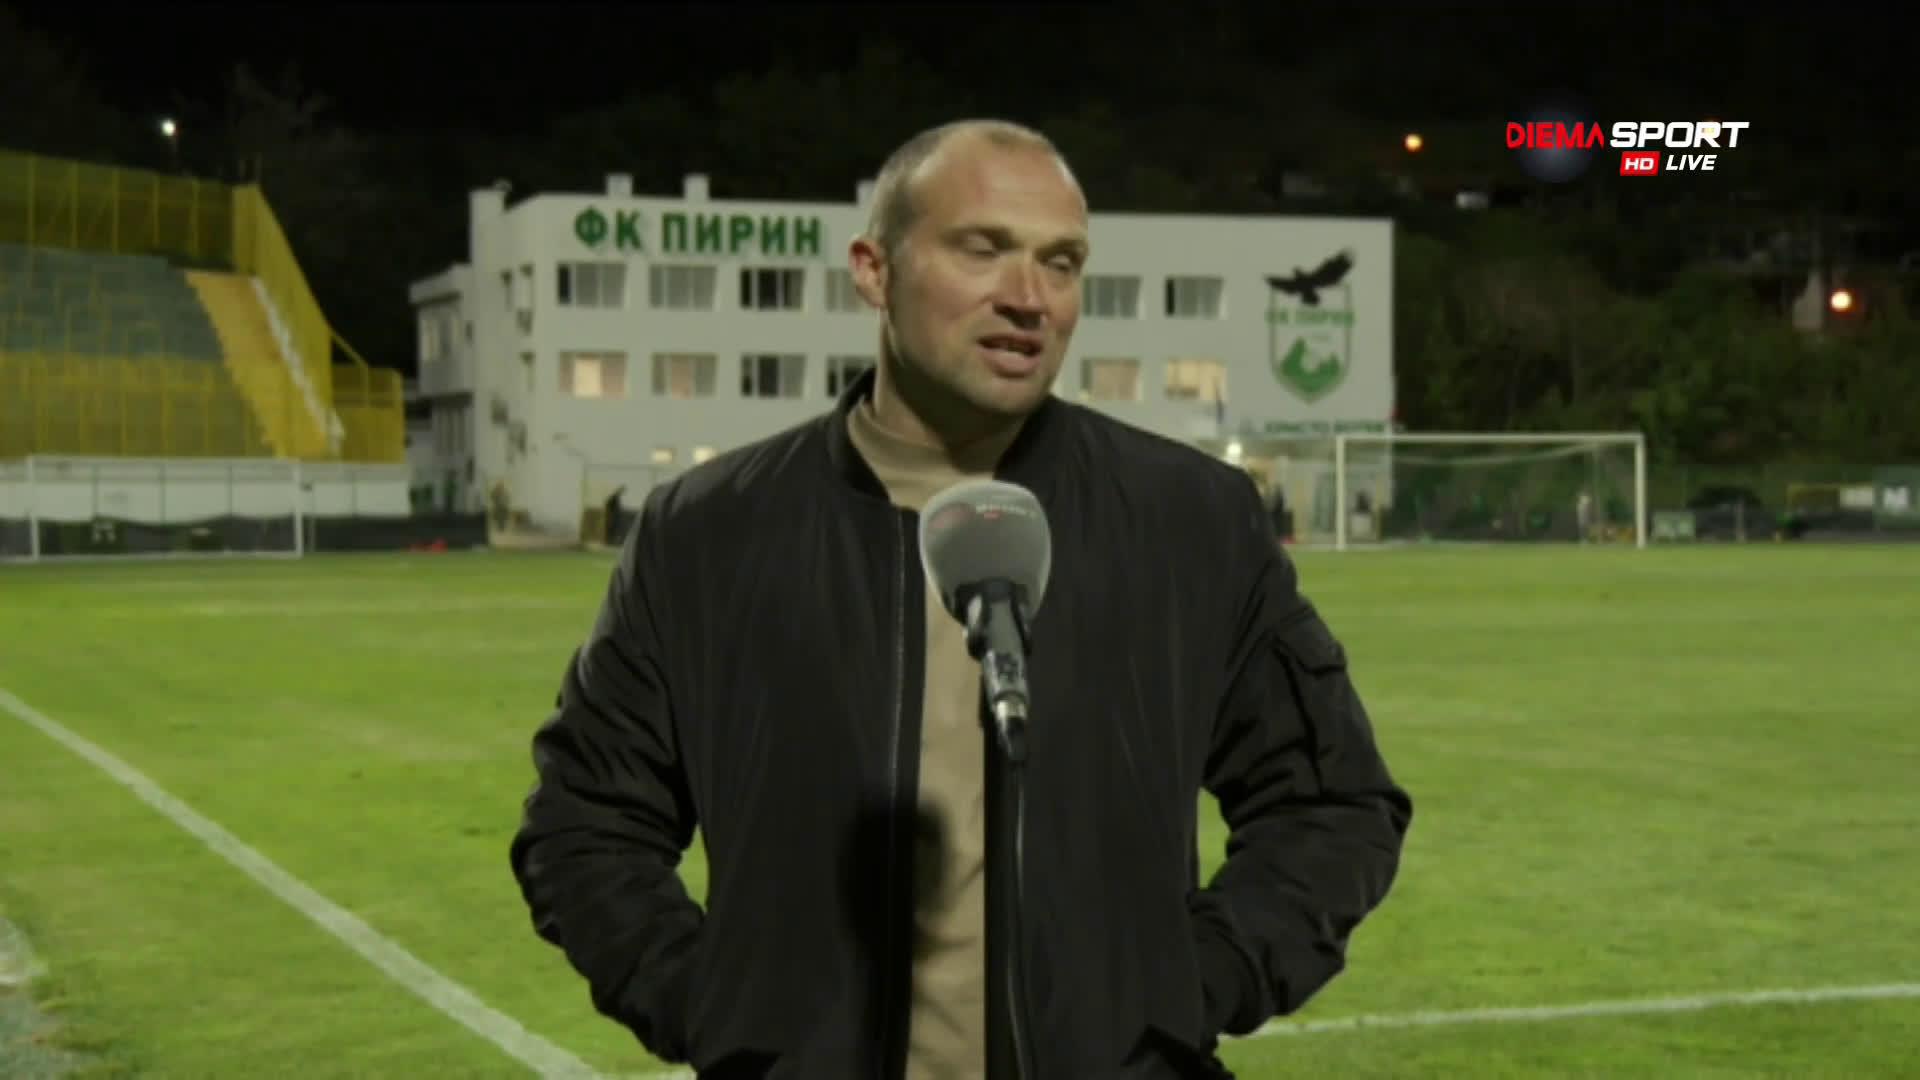 Фийни засипа играч на ЦСКА с похвали